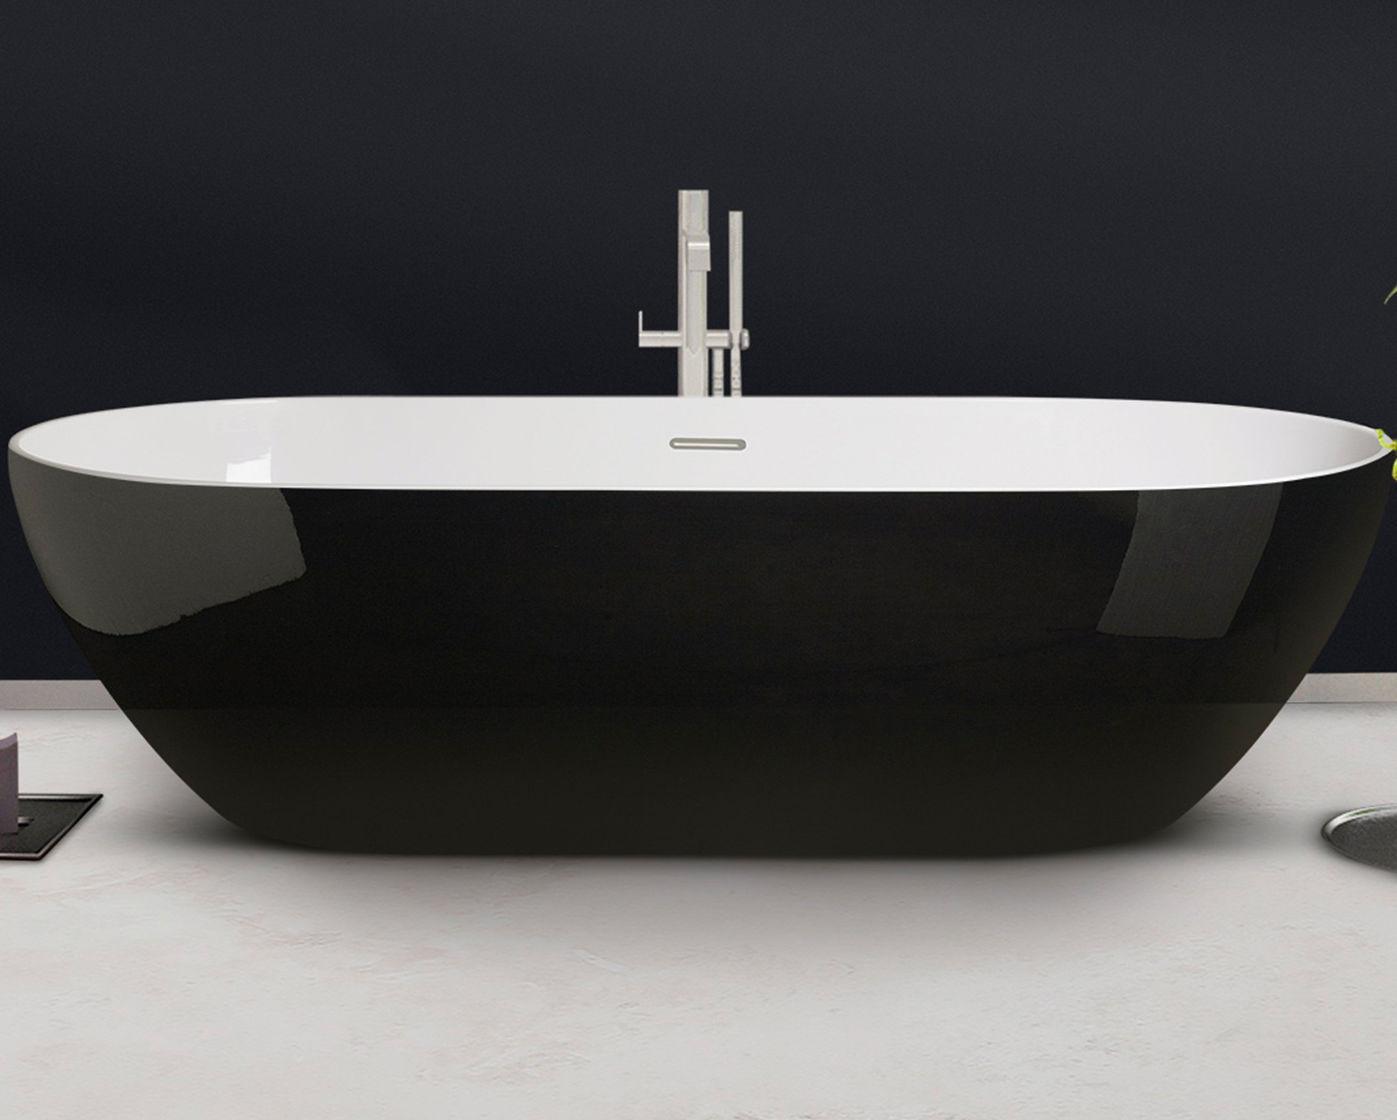 Vasca Da Bagno White : Vasca da bagno da appoggio ovale in composito in acrilico